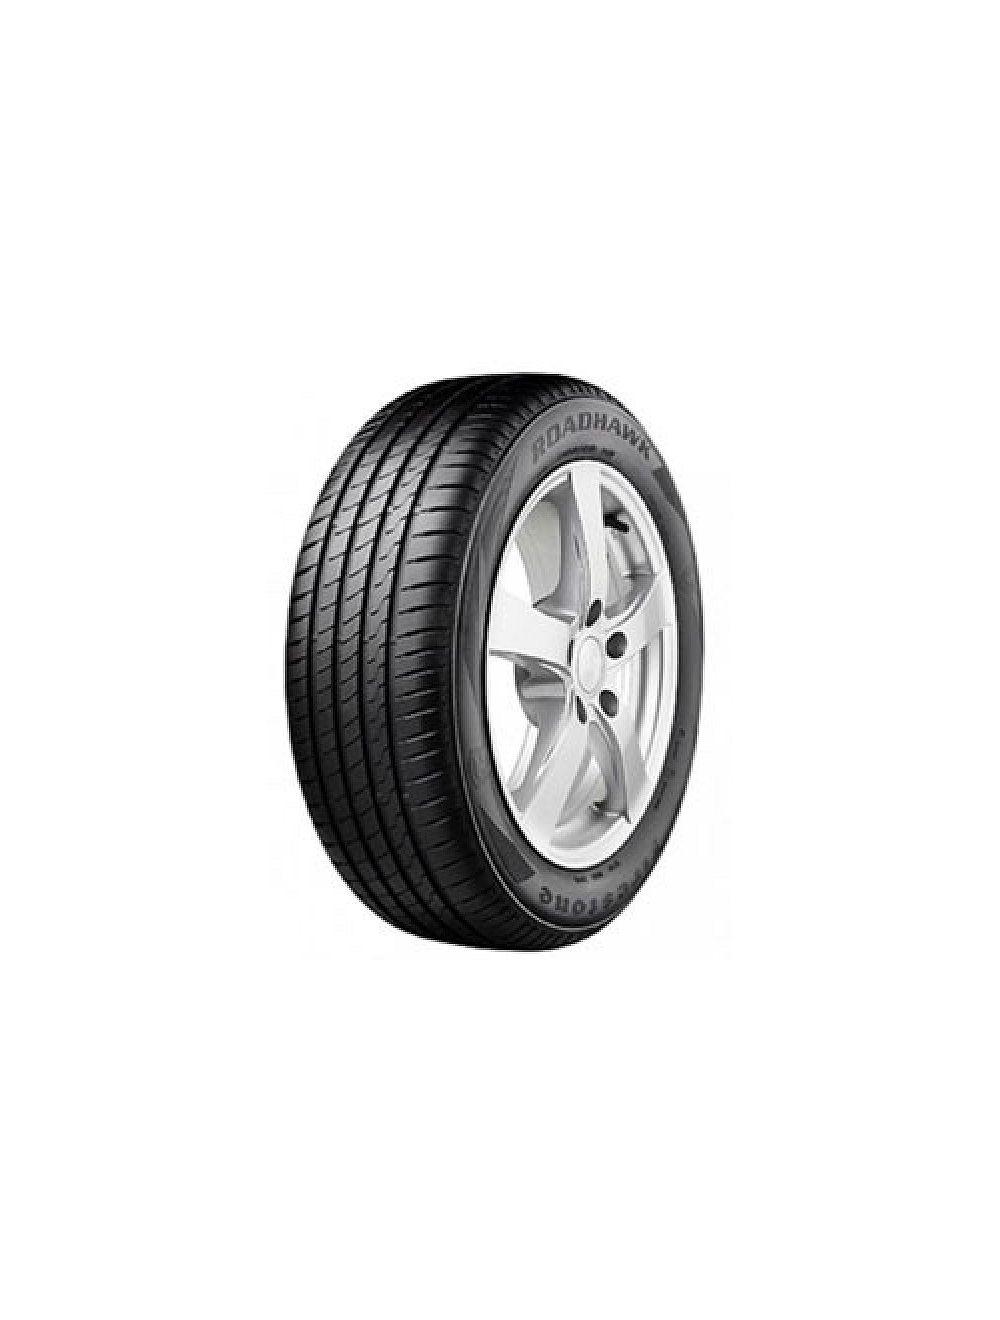 Firestone 245/45R18 Y RoadHawk XL Nyári gumi